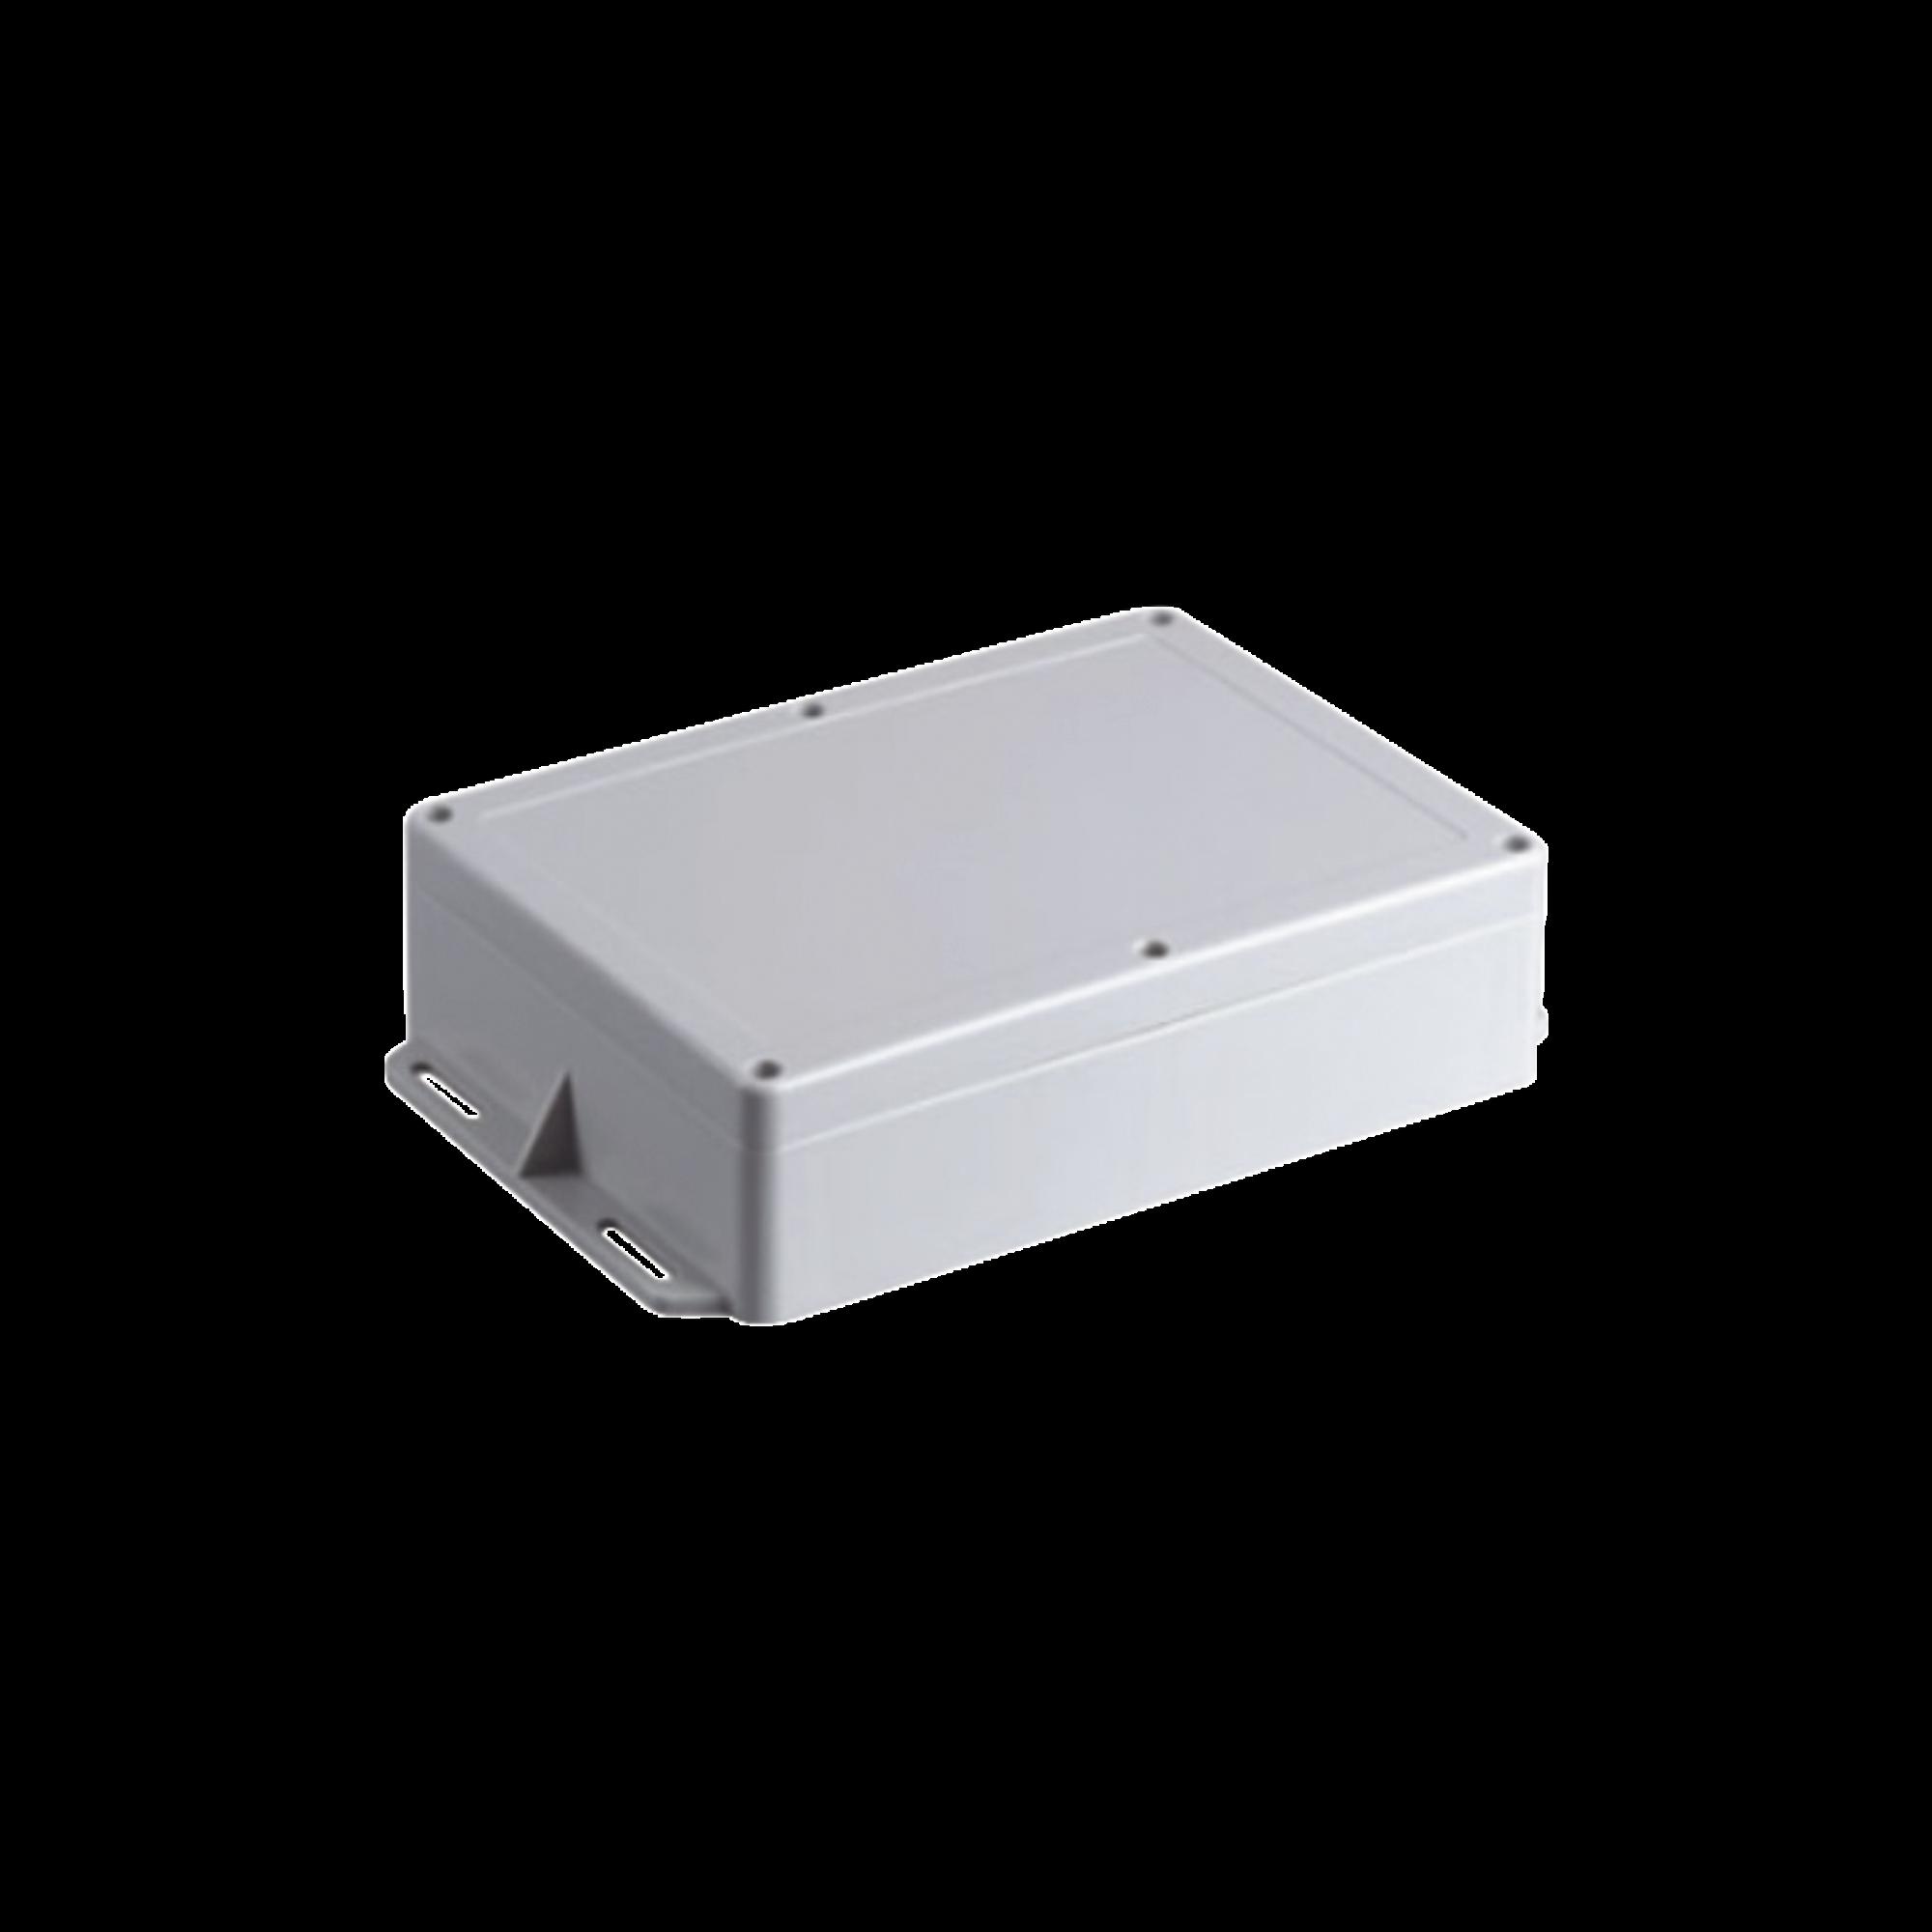 Gabinete Plástico para Exterior (IP65) de 160 x 220 x 100 mm Cierre por Tornillos Metálicos. Tiene Orejas para instalación a muro.